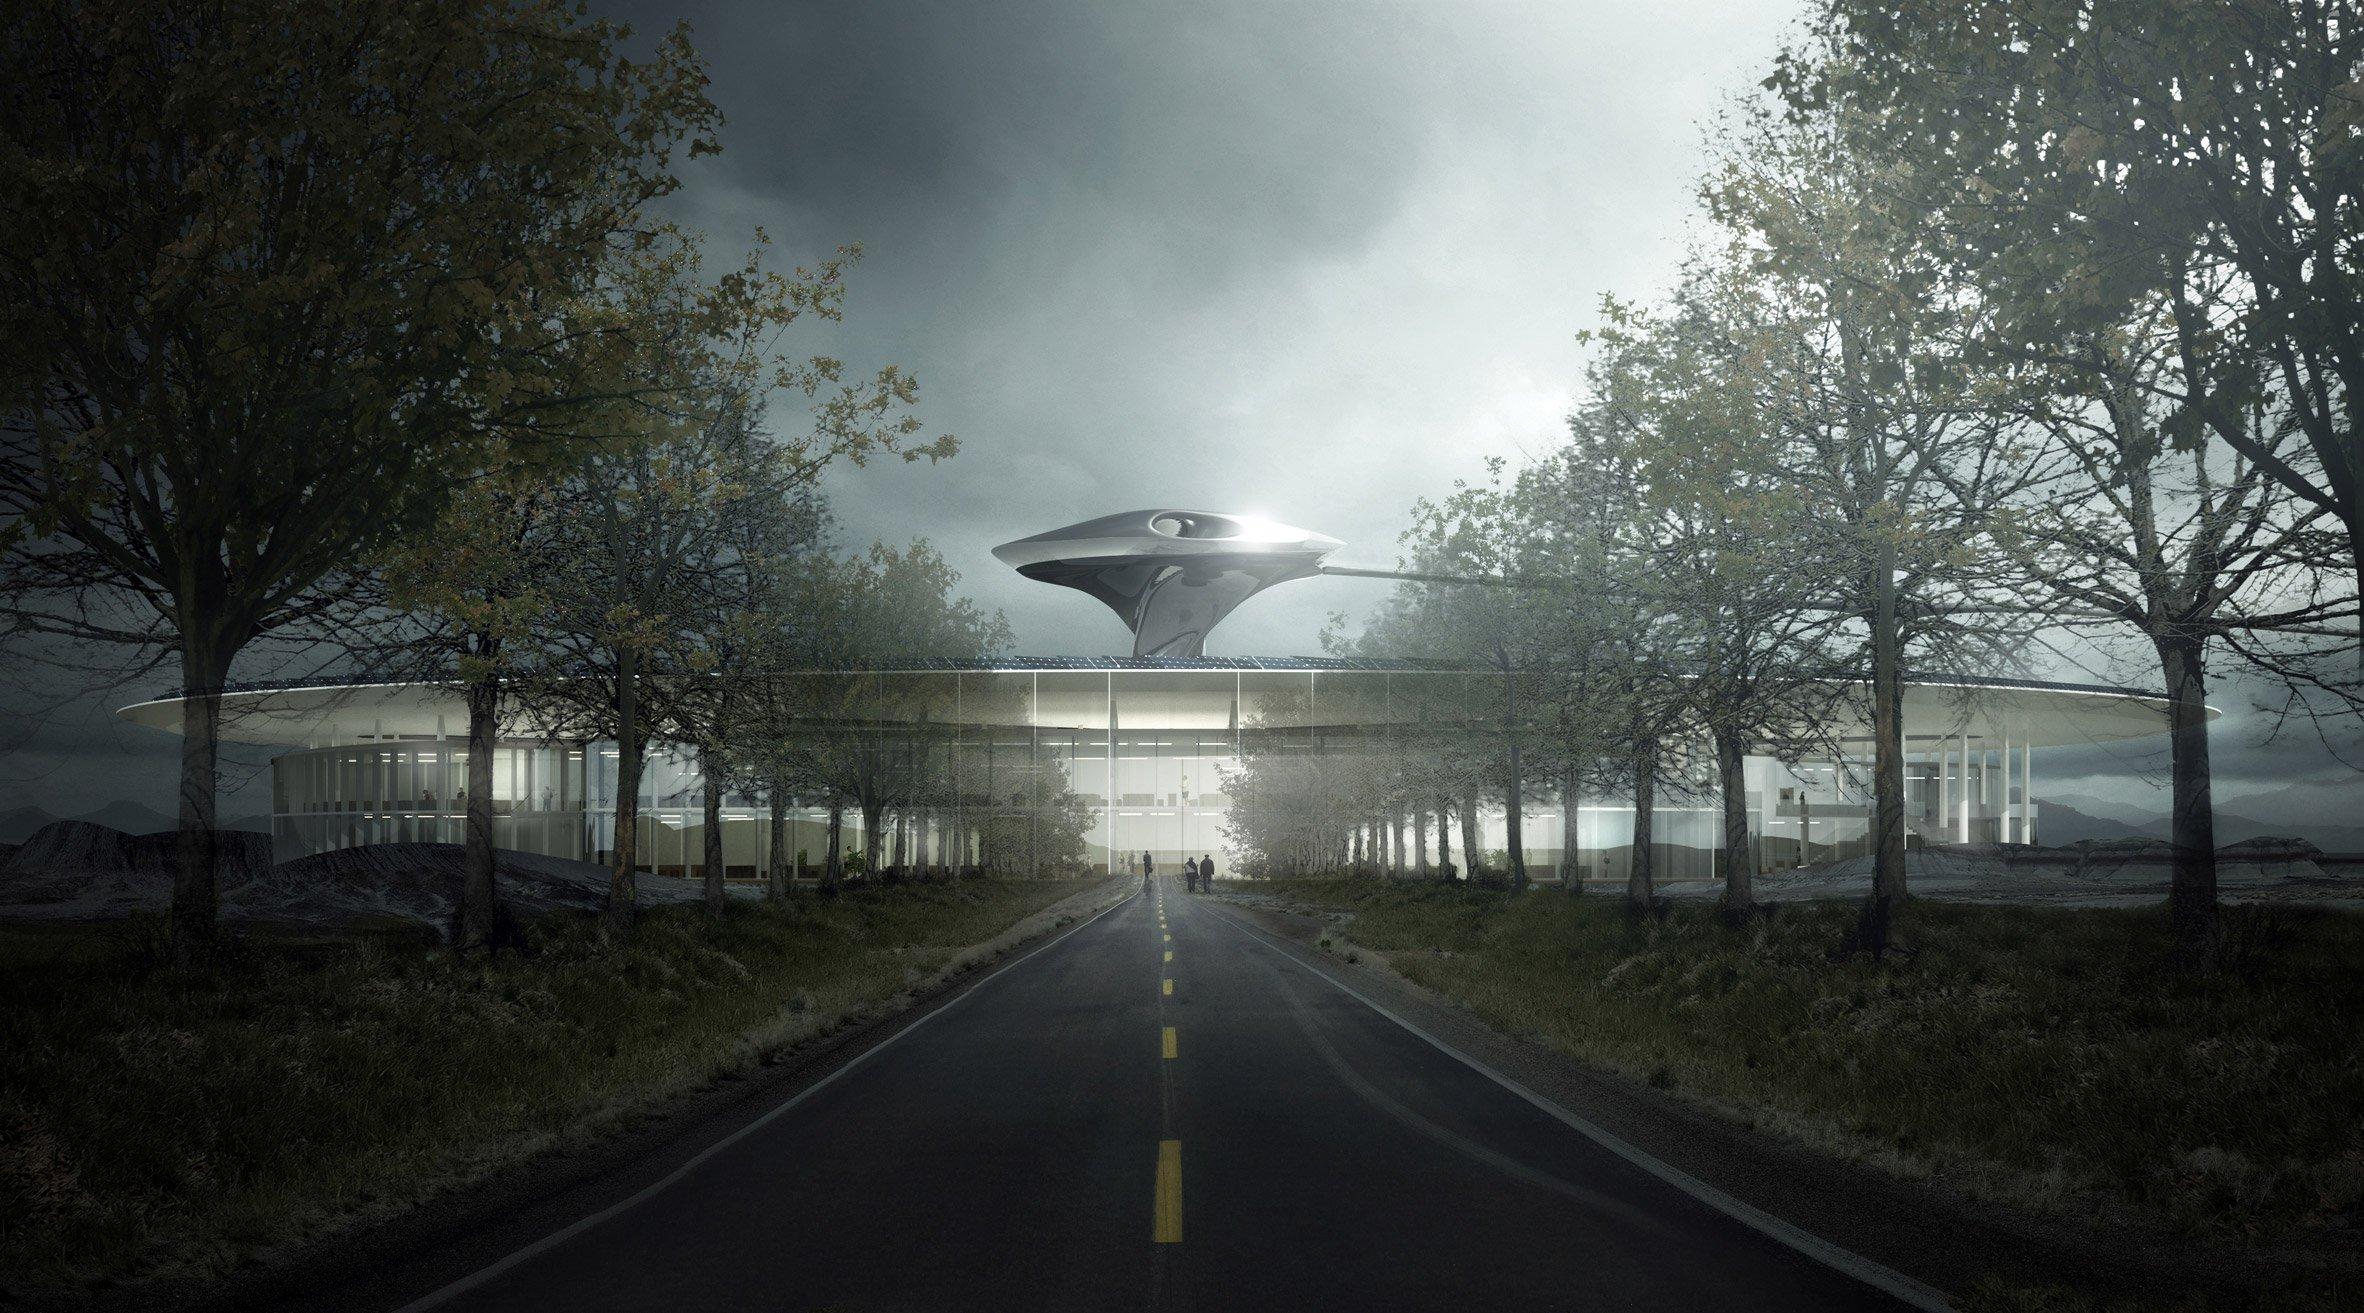 Кампус будет построен в научно-фантастическом стиле, намекающем на инновационность Faraday Future и «бросающем вызов современной автомобильной отрасли»